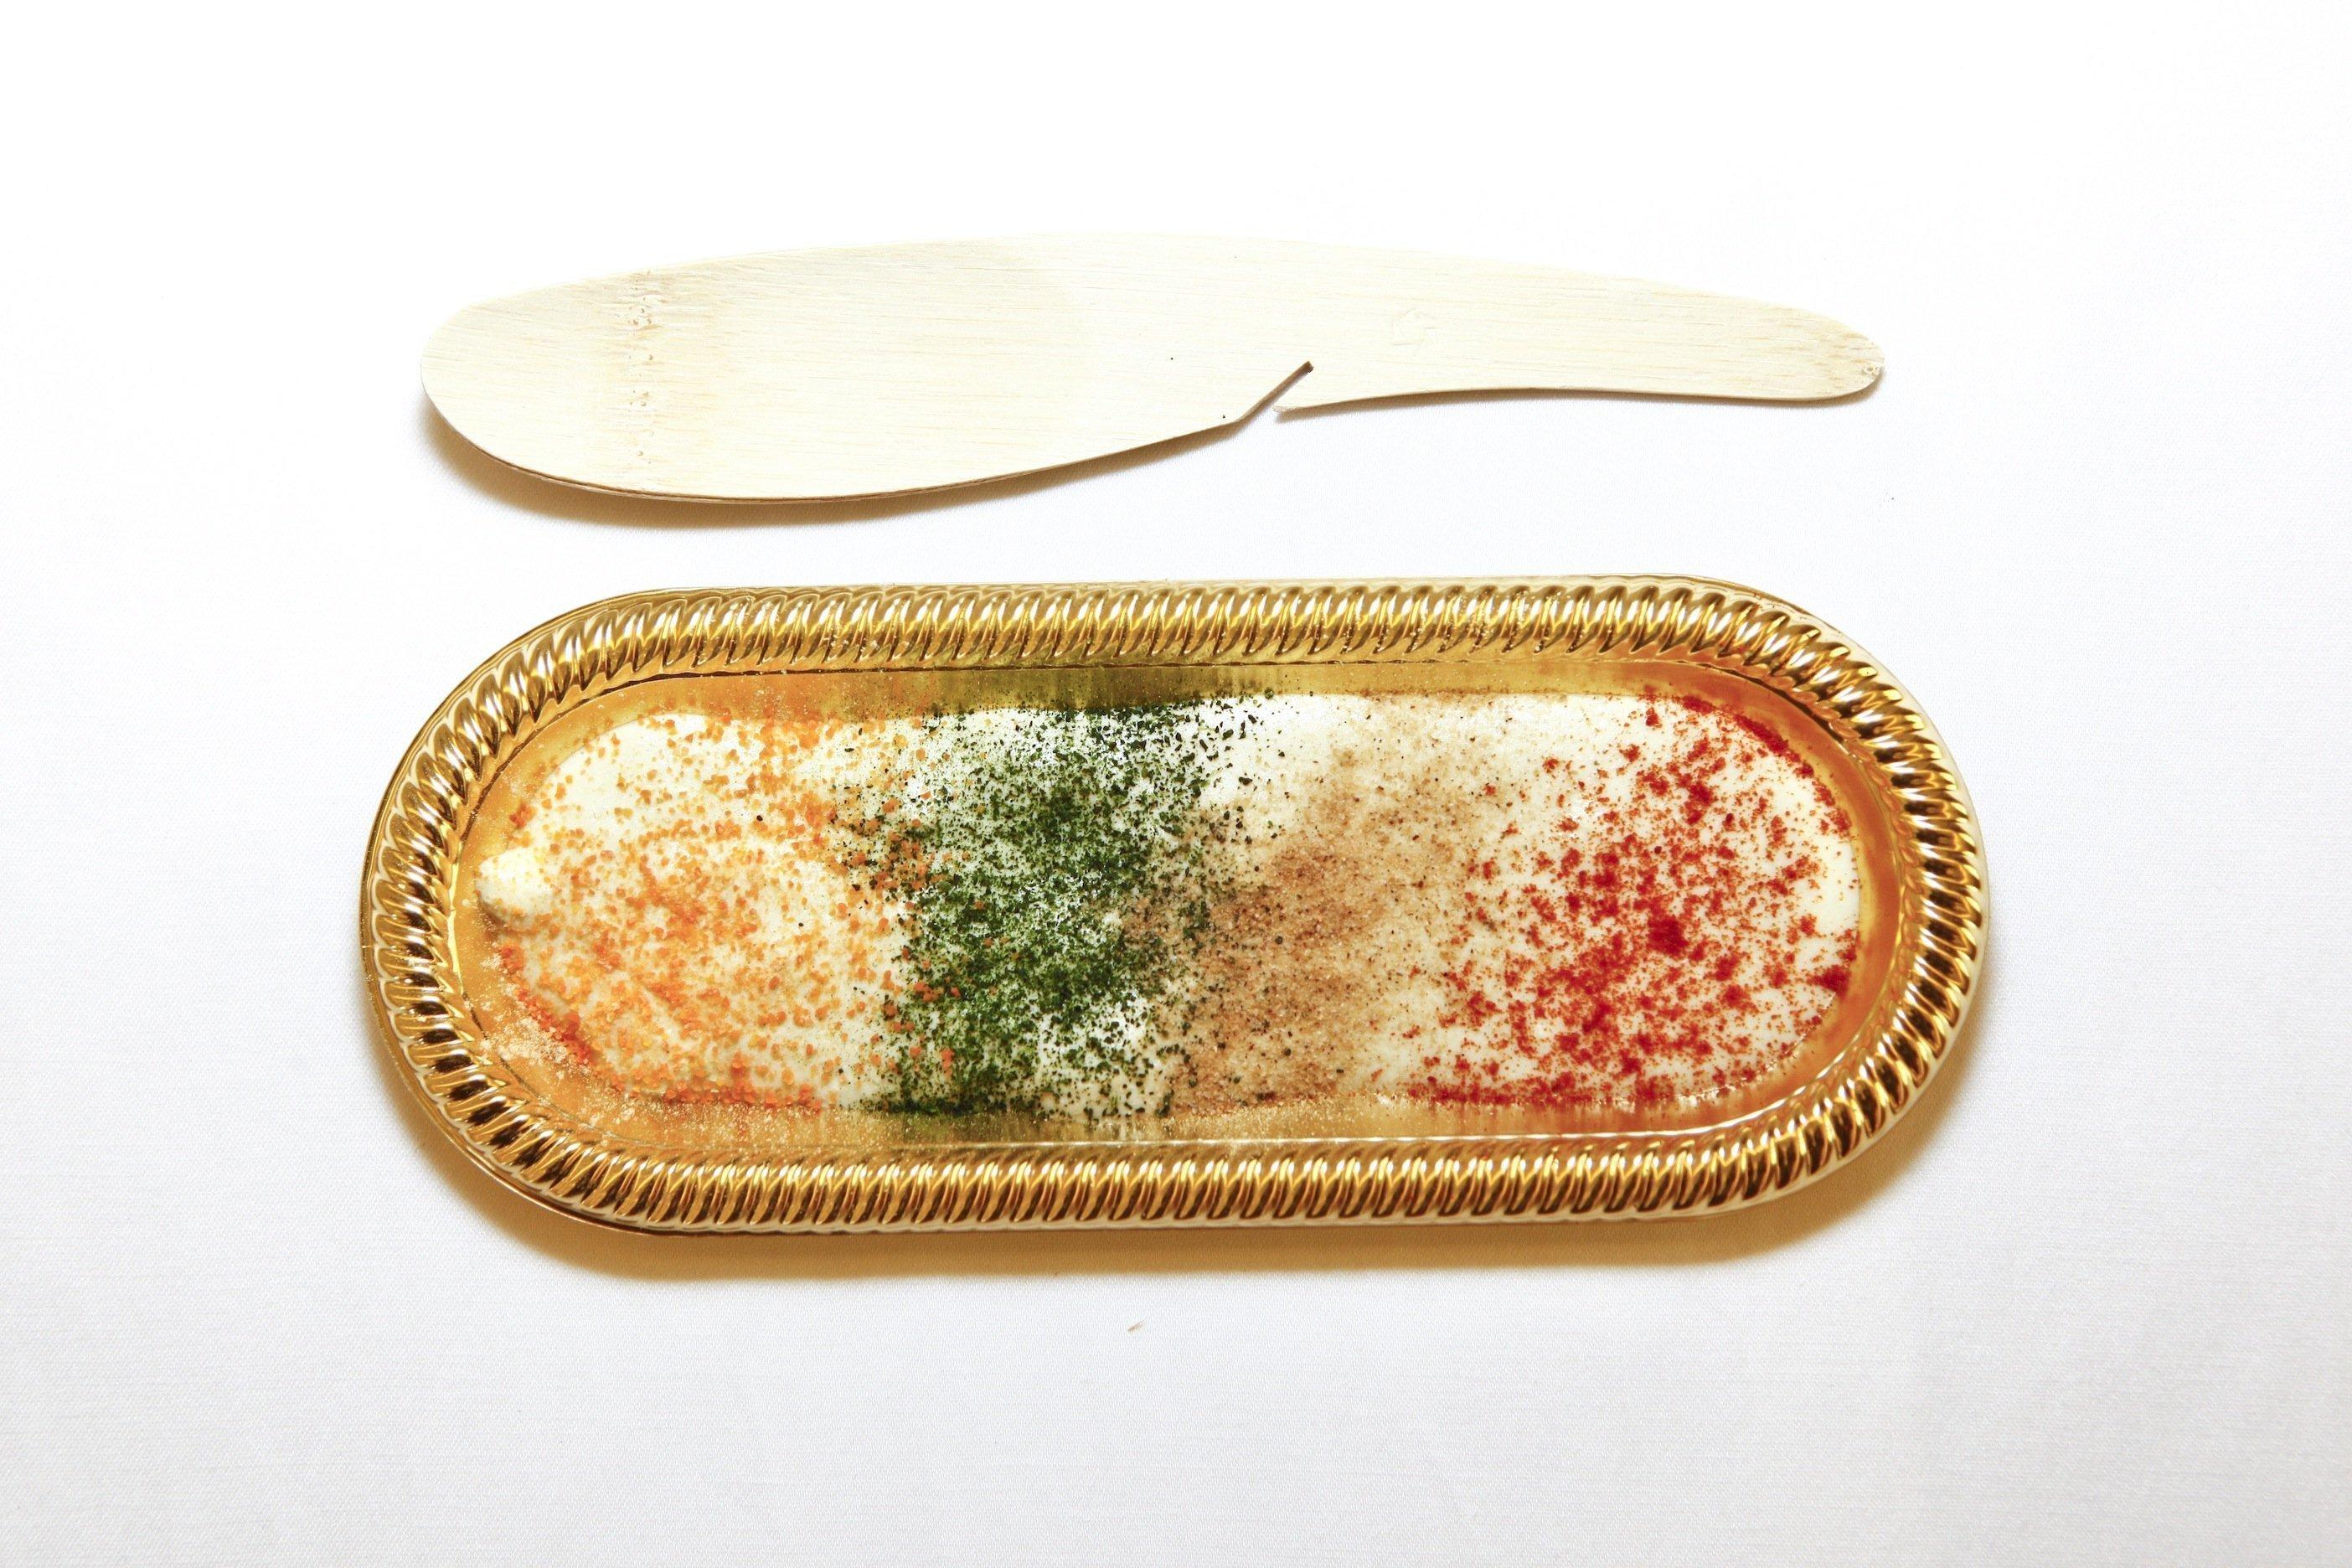 Panna cotta alla crema di soia